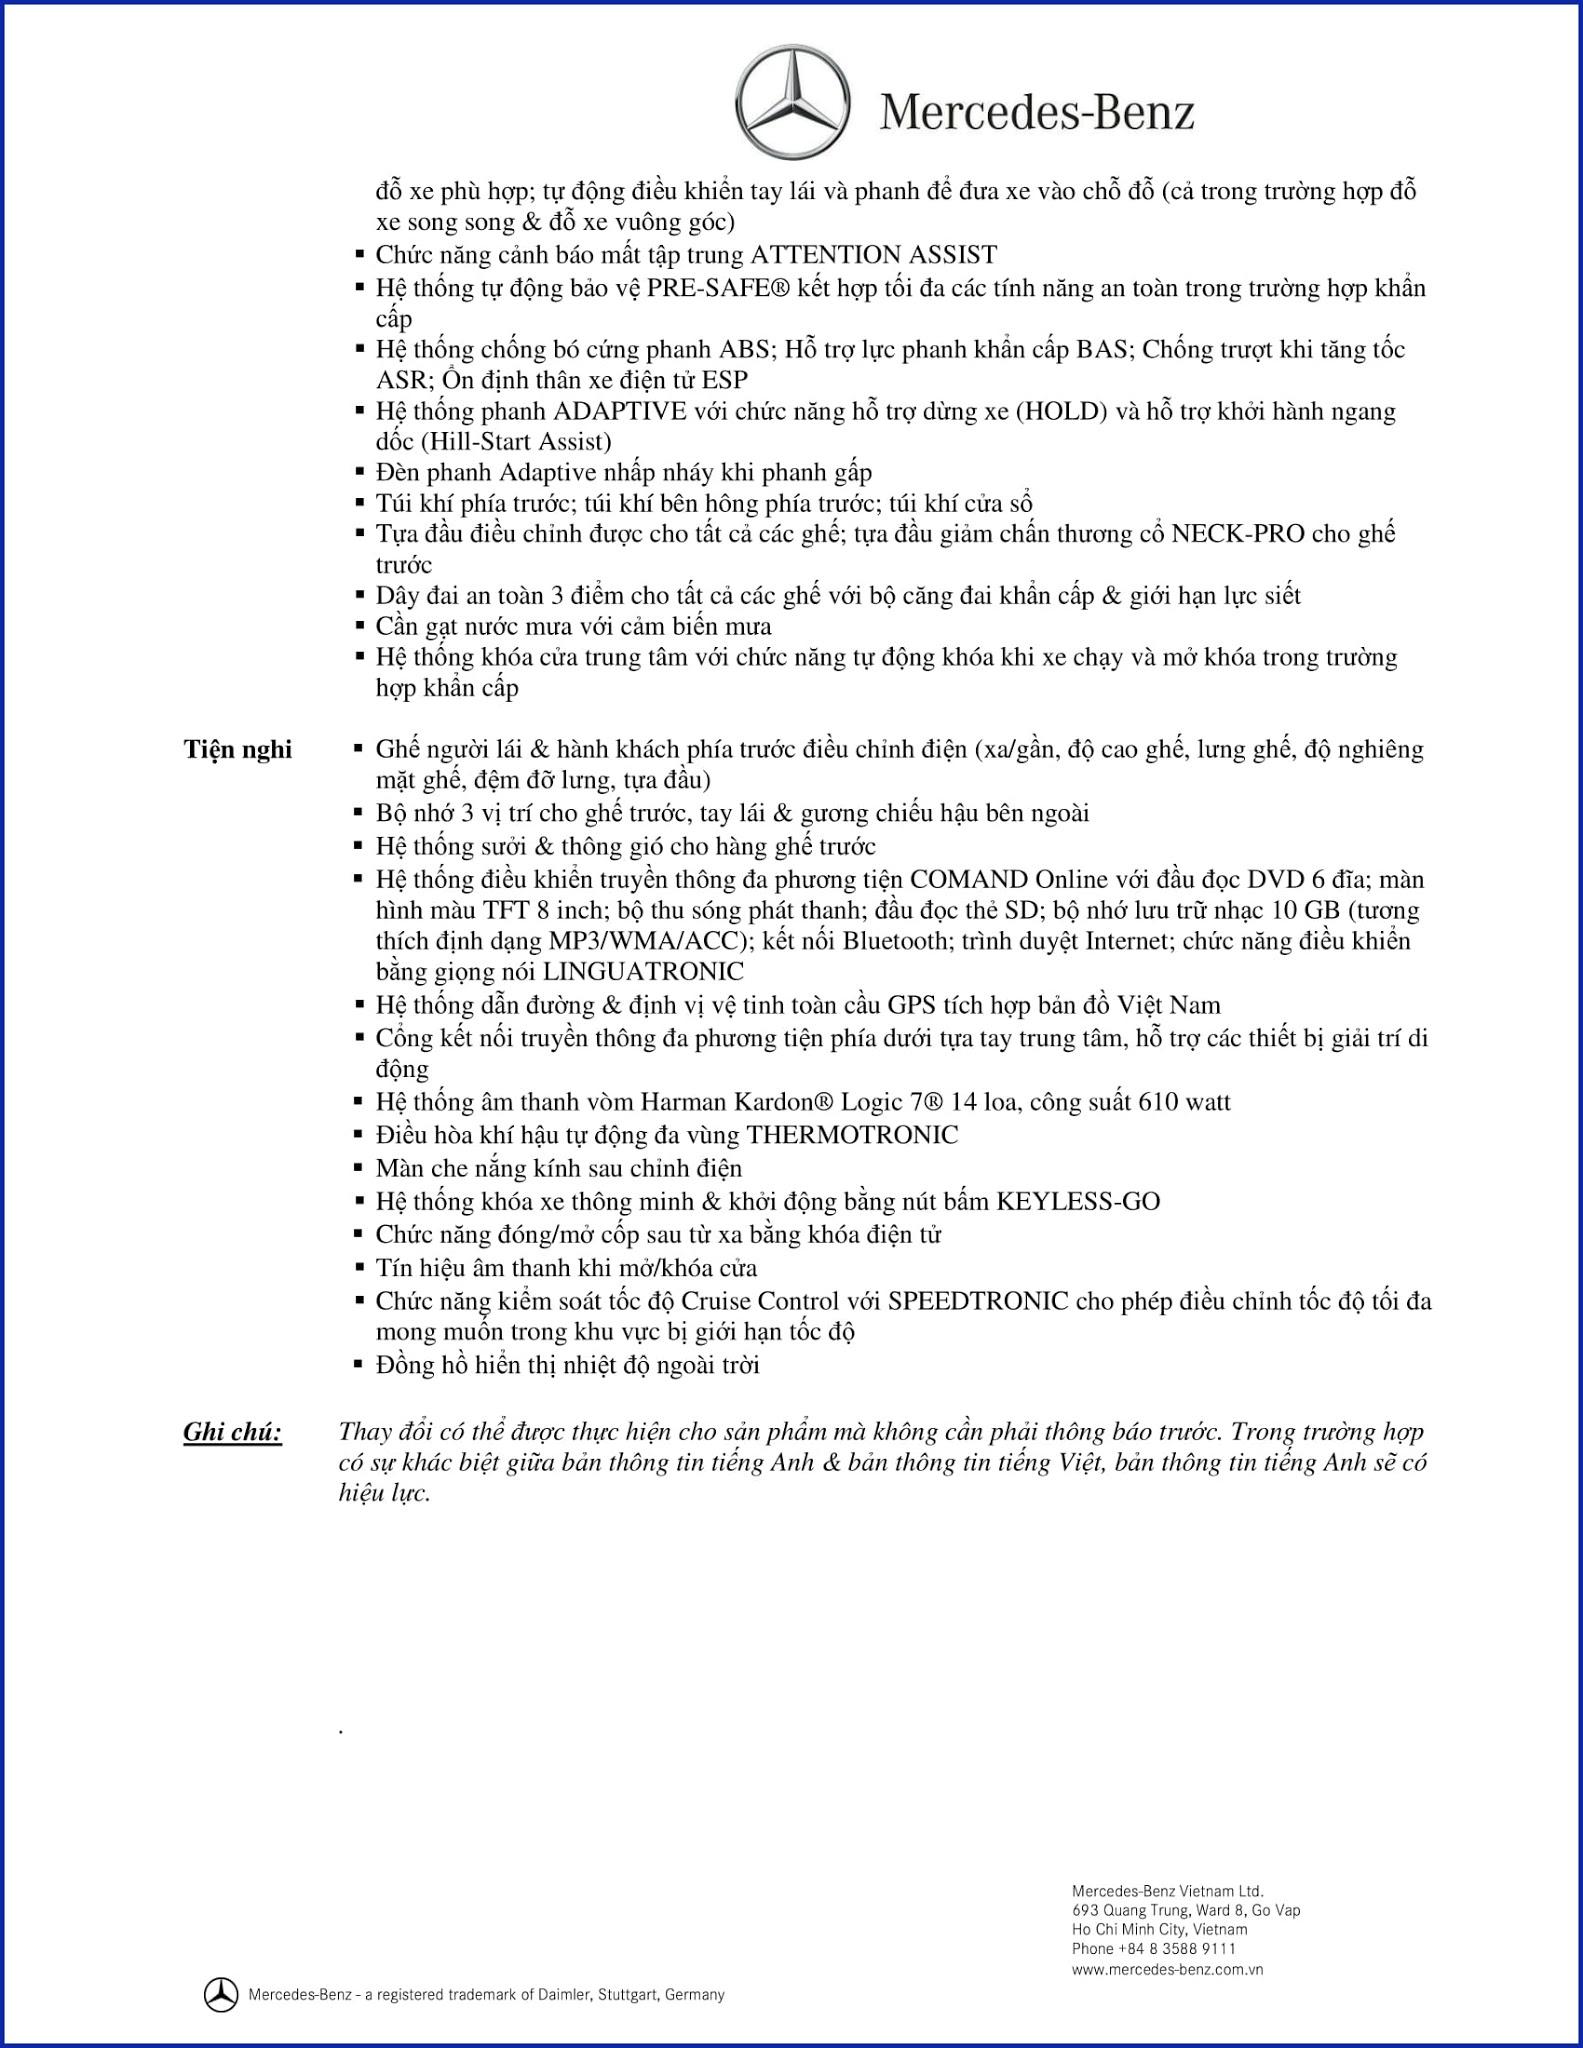 Bảng thông số kỹ thuật Mercedes CLS 400 2018 tại Mercedes Trường Chinh